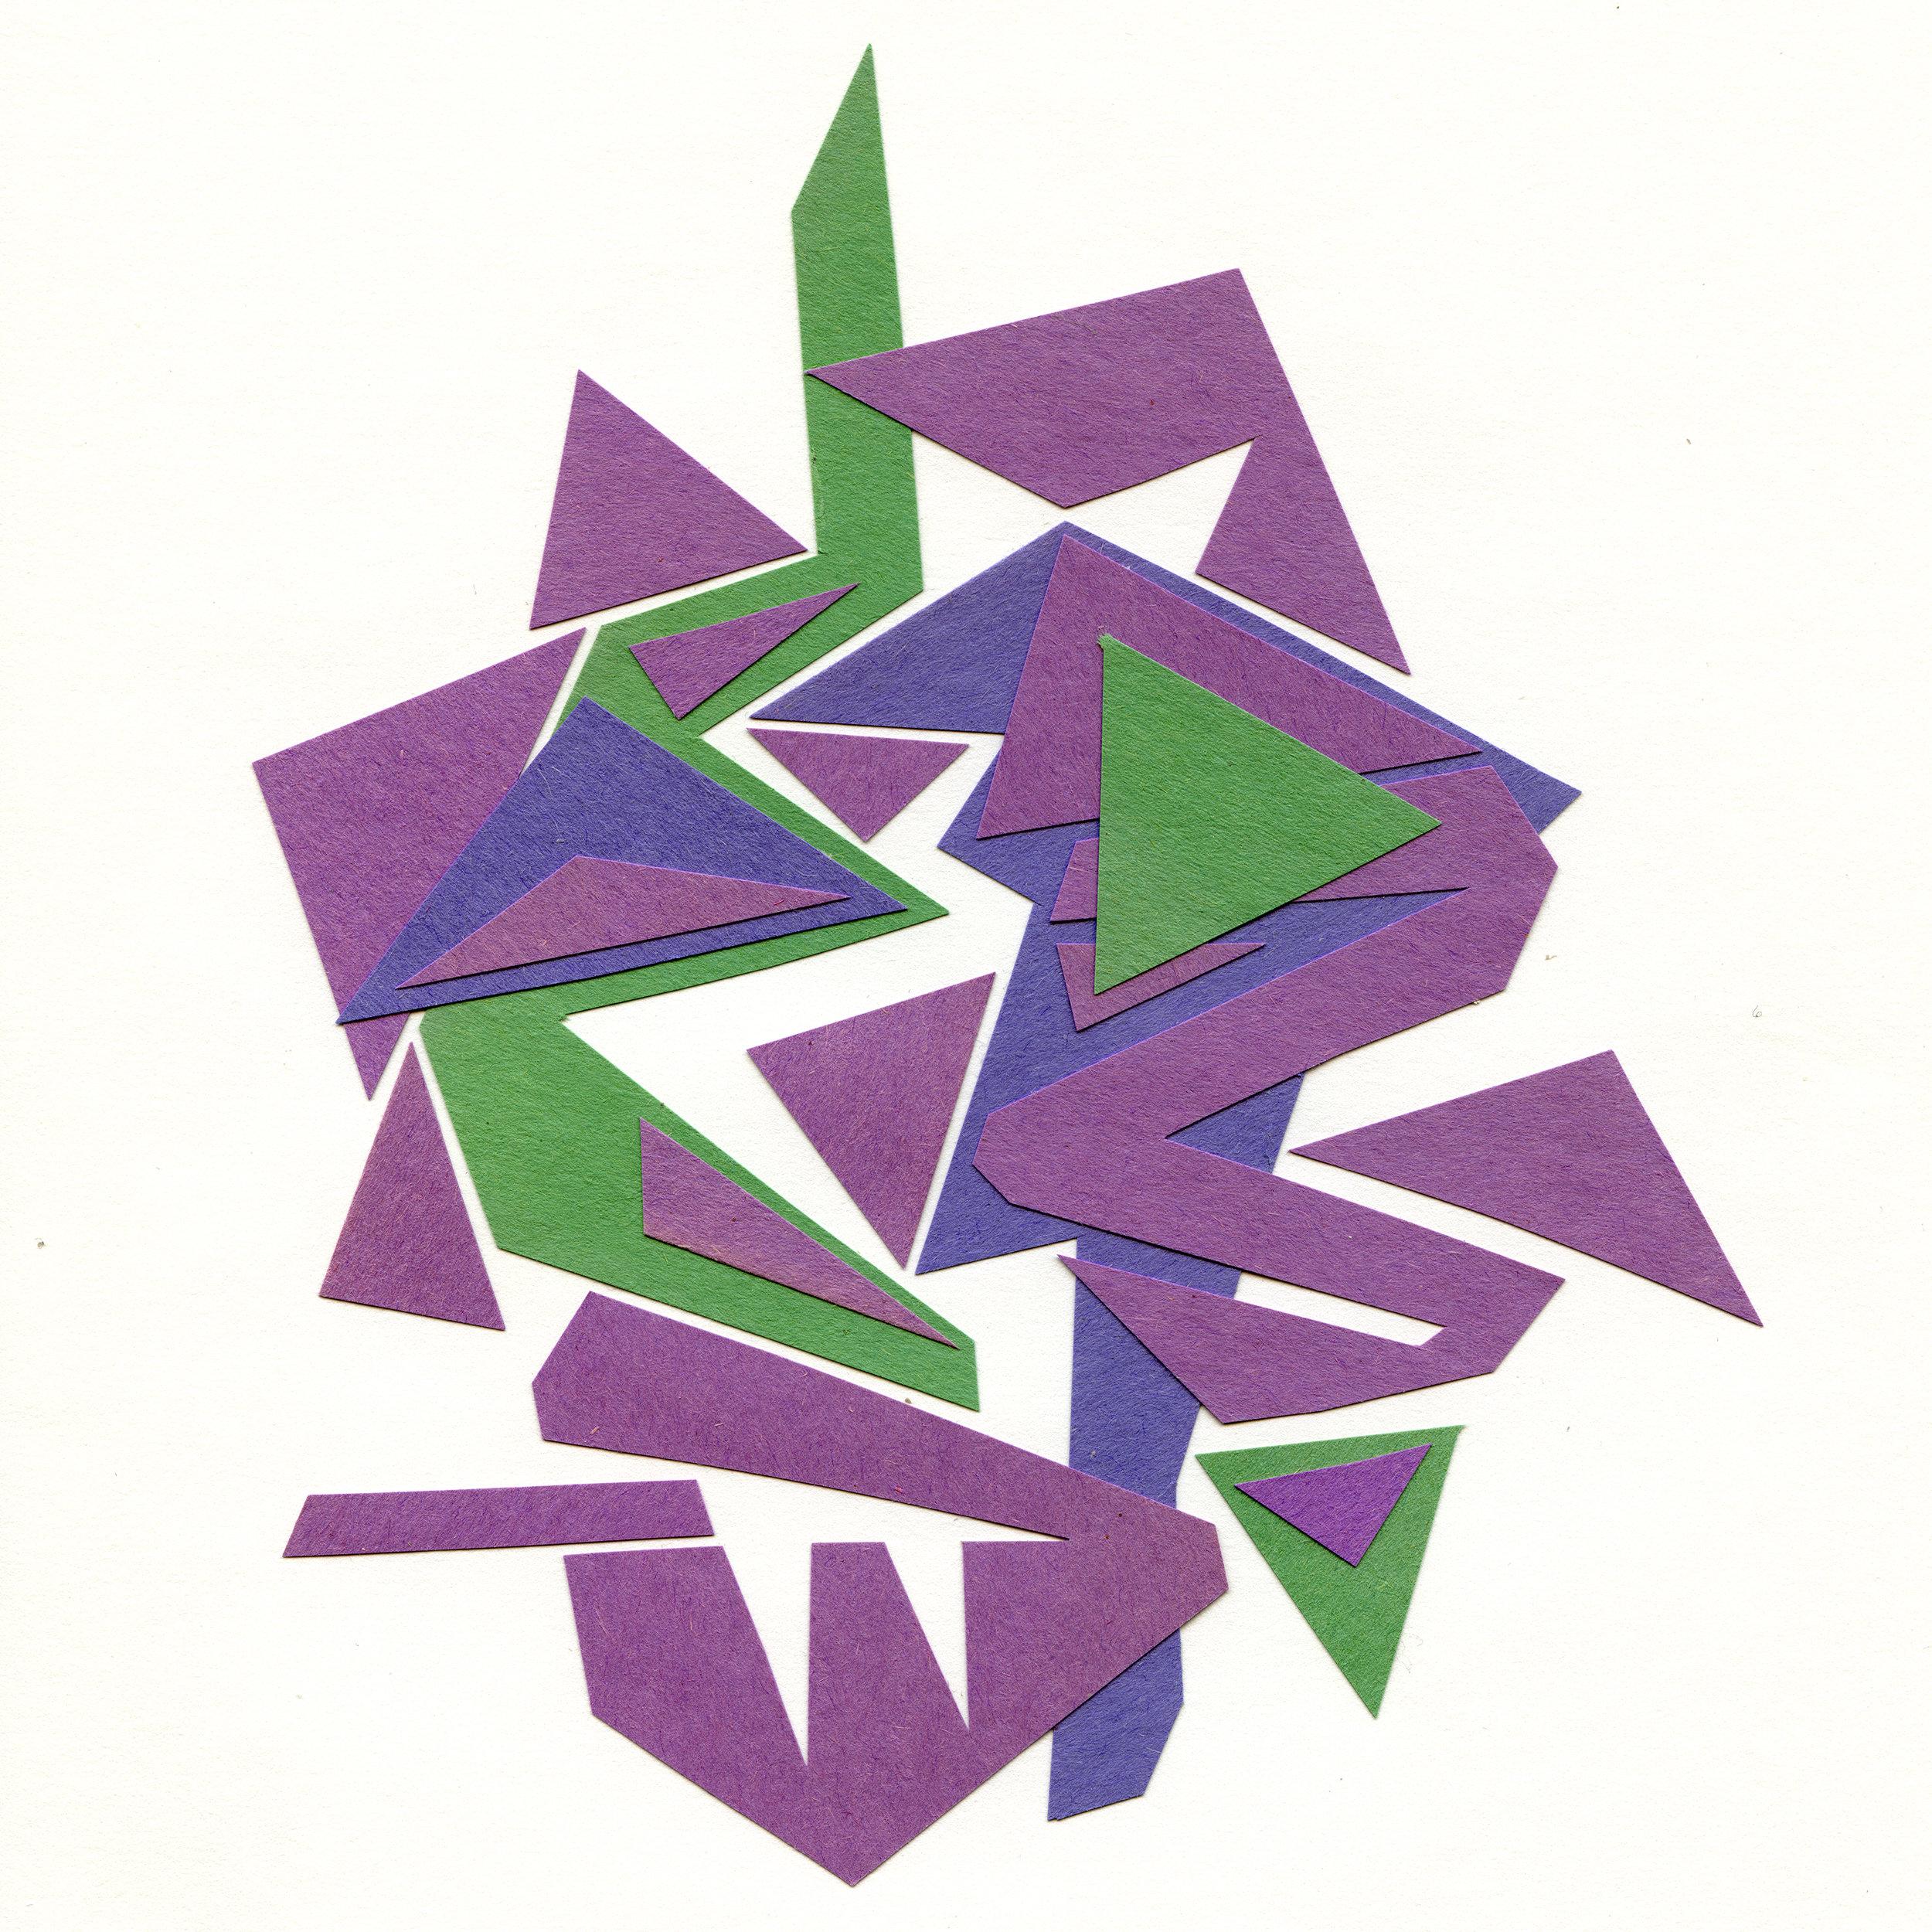 paper004 v2_3000x3000_300res.jpg